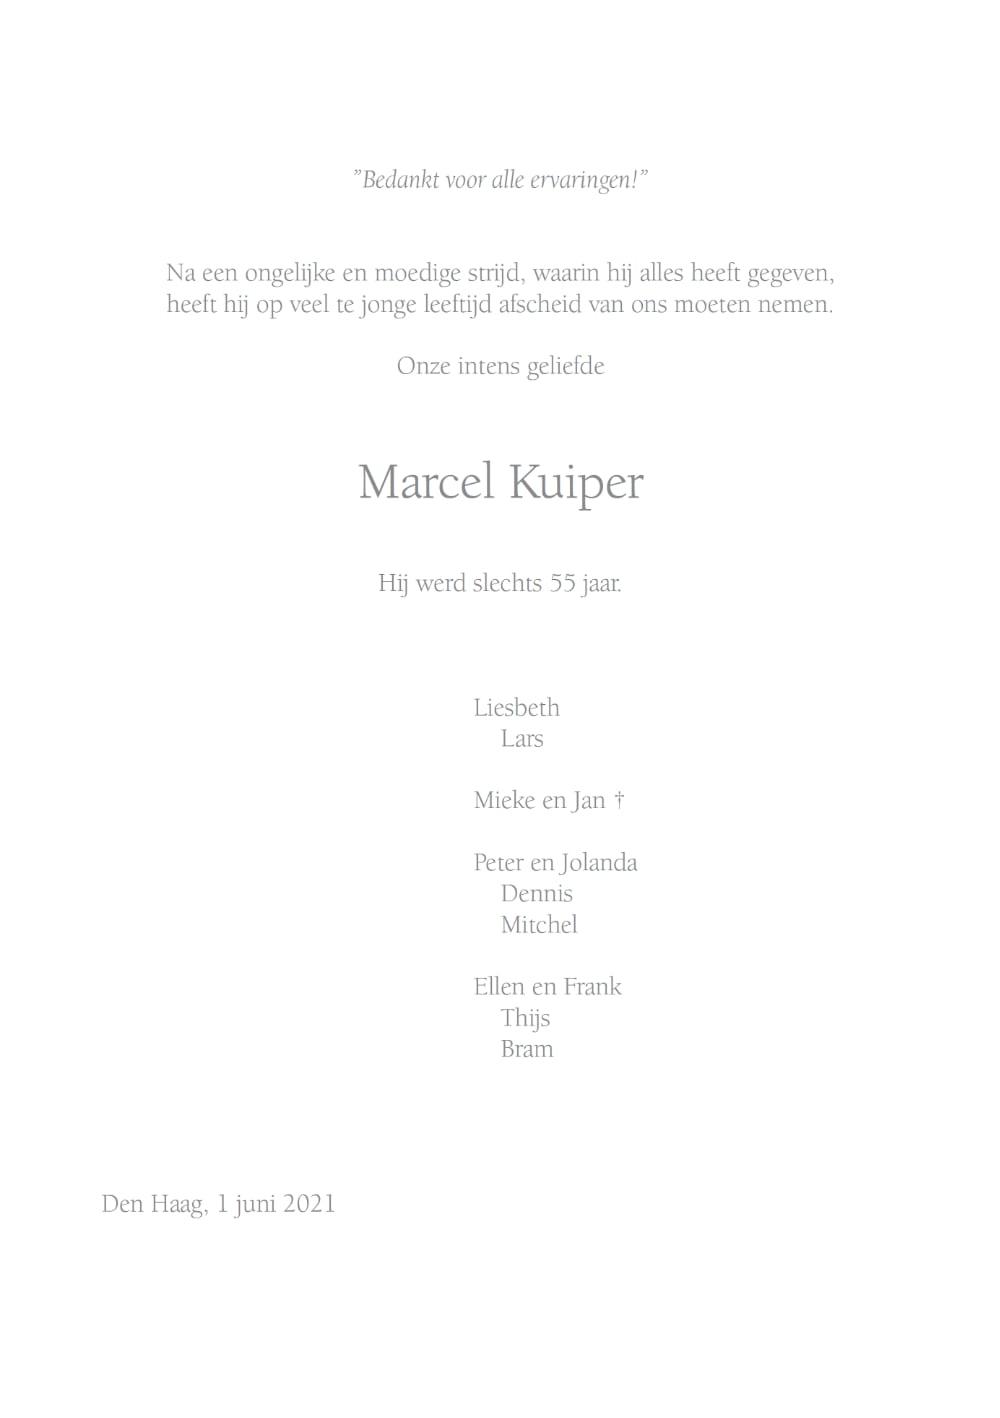 Marcel Kuiper, rouwkaart binnenkant rechts